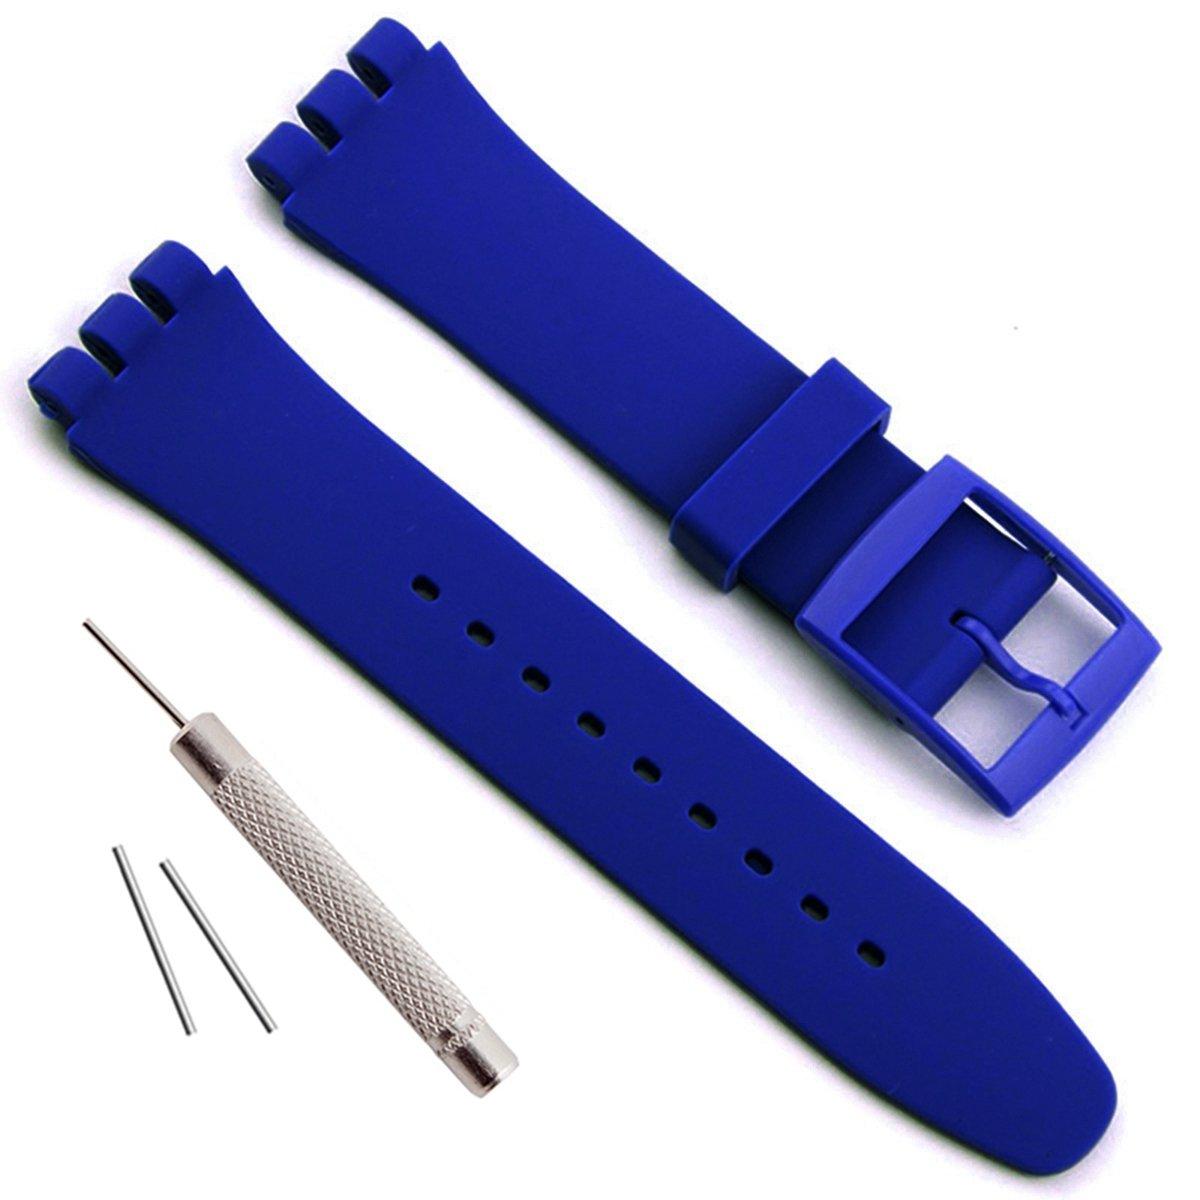 防水シリコンラバー腕時計交換用ストラップ腕時計のバンドの見本( 17 mm 19 mm 20 mm ) 17mm アジュール 17mm|アジュール アジュール 17mm B077BXY2LY